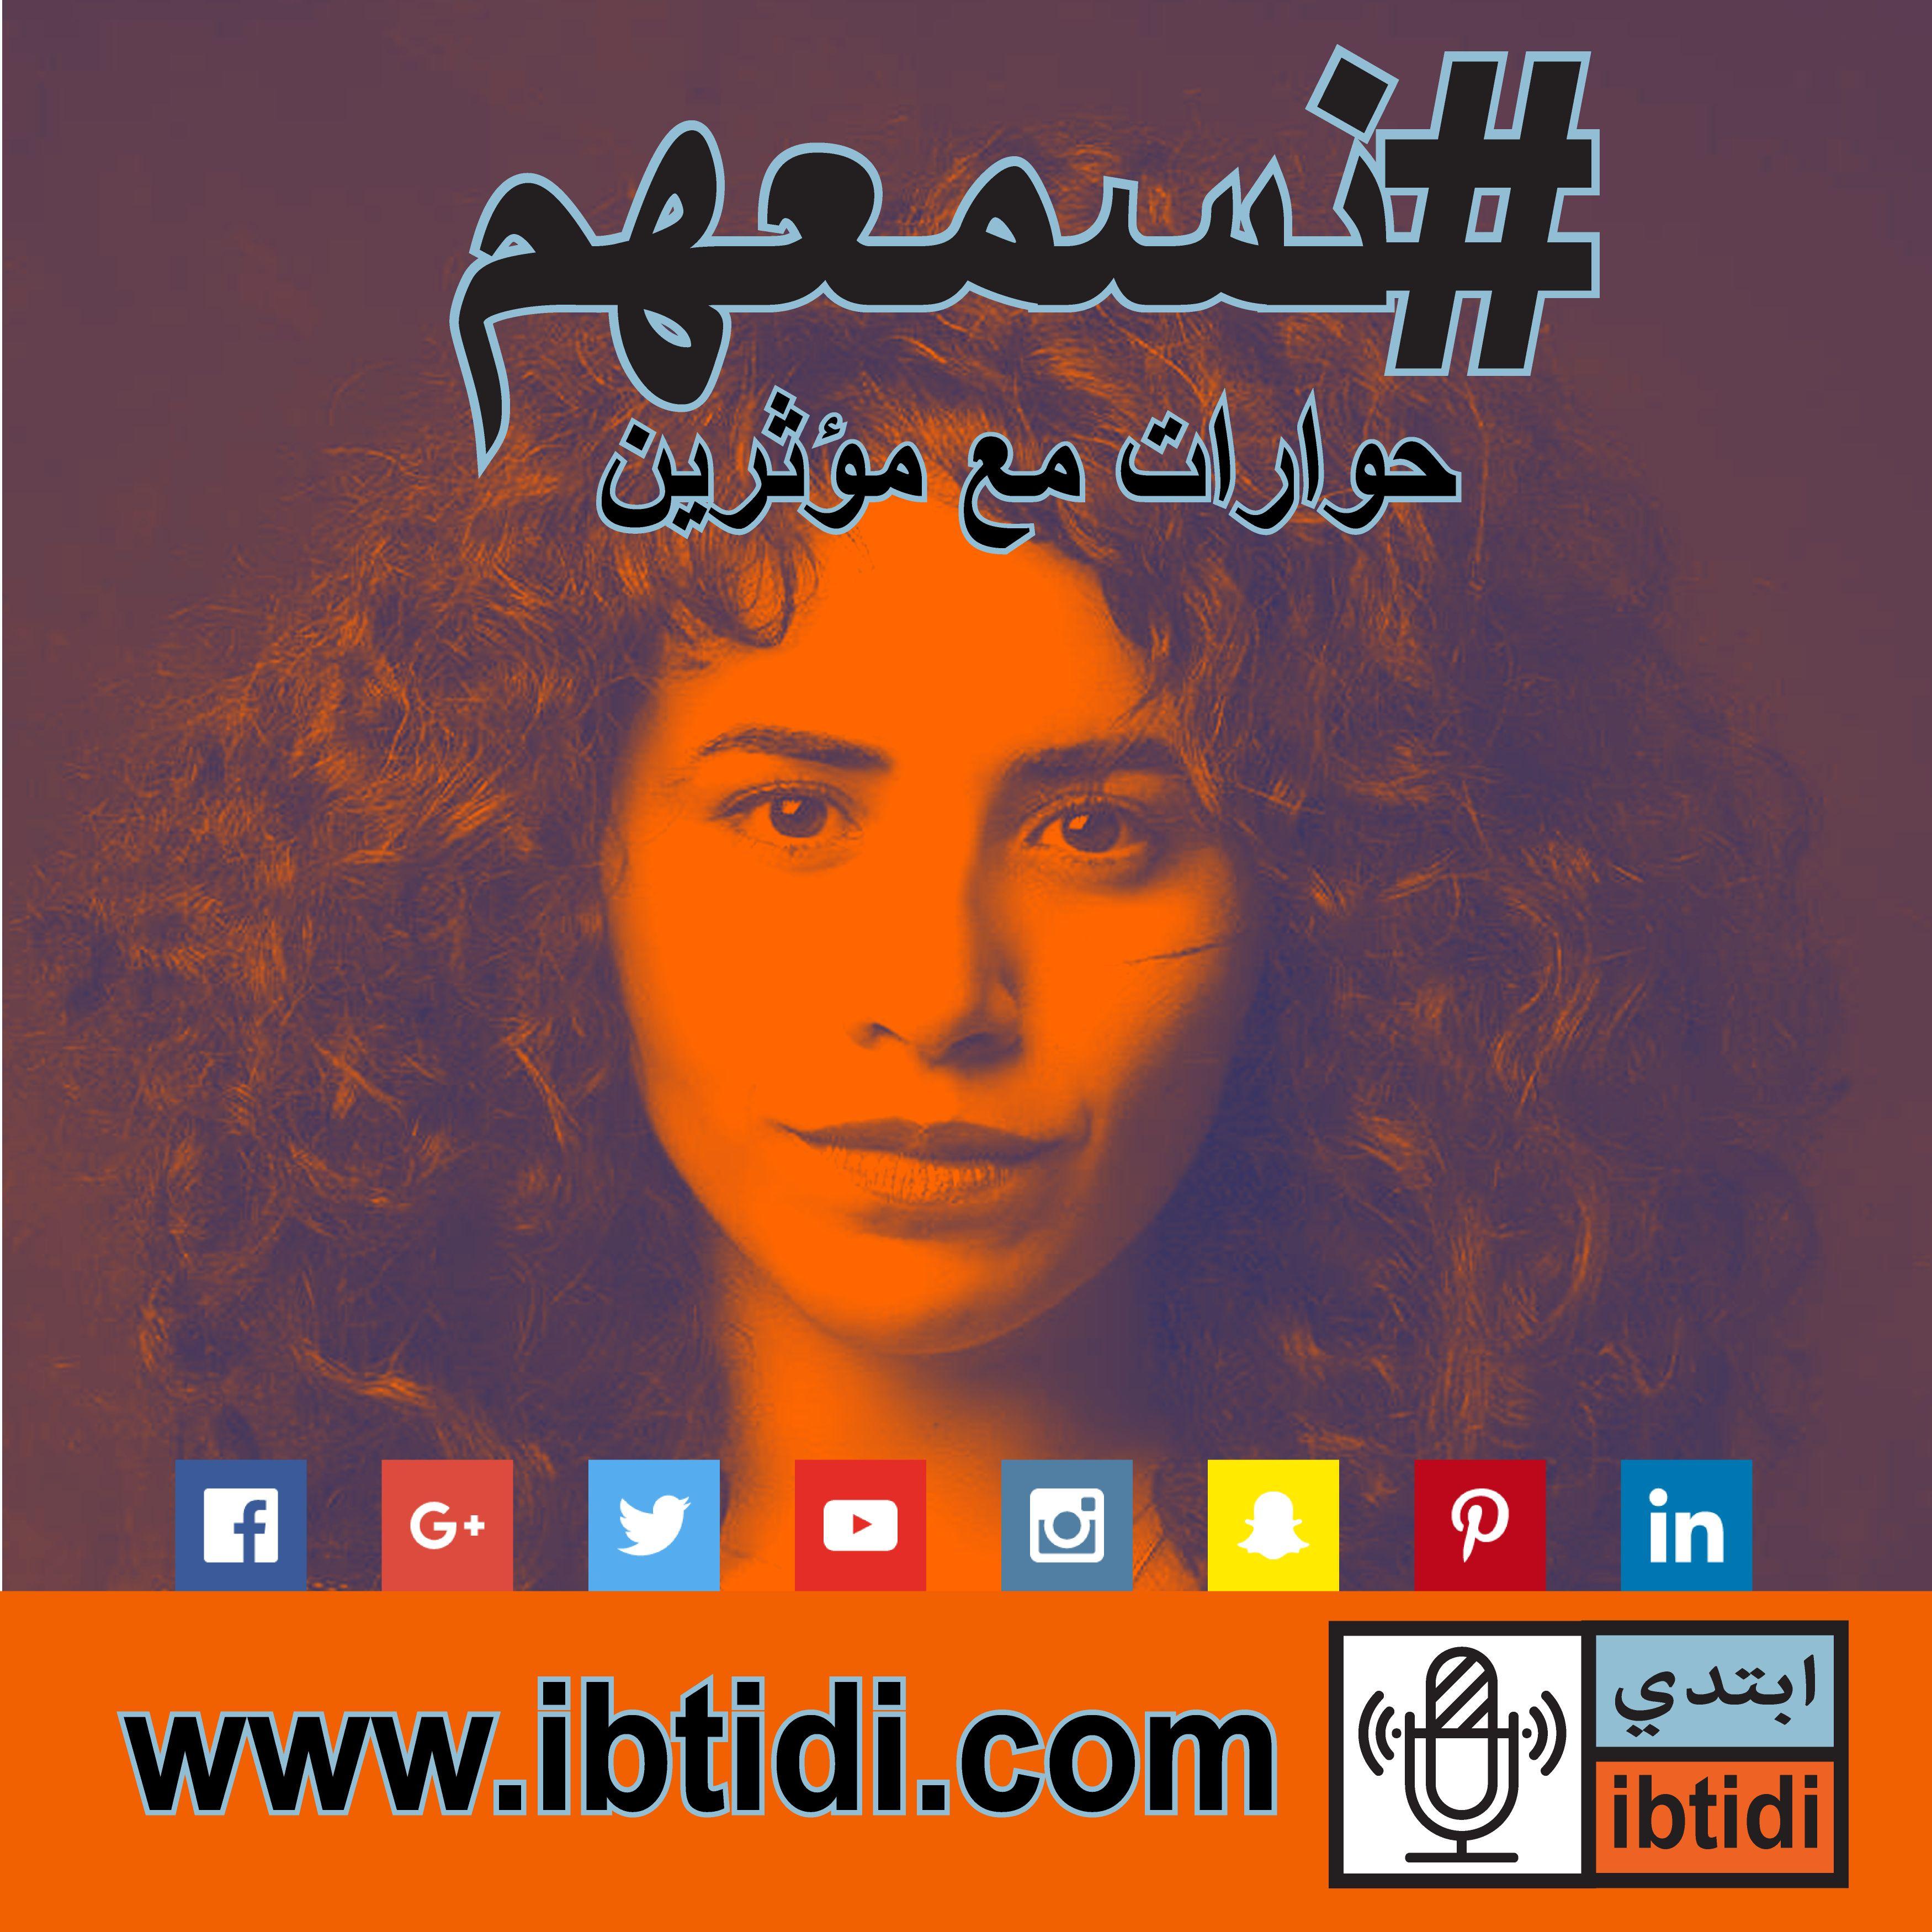 برنامج #نسمعهم - حلقة ٠١٧- أمينة أمونياك - شبّاك على العرب